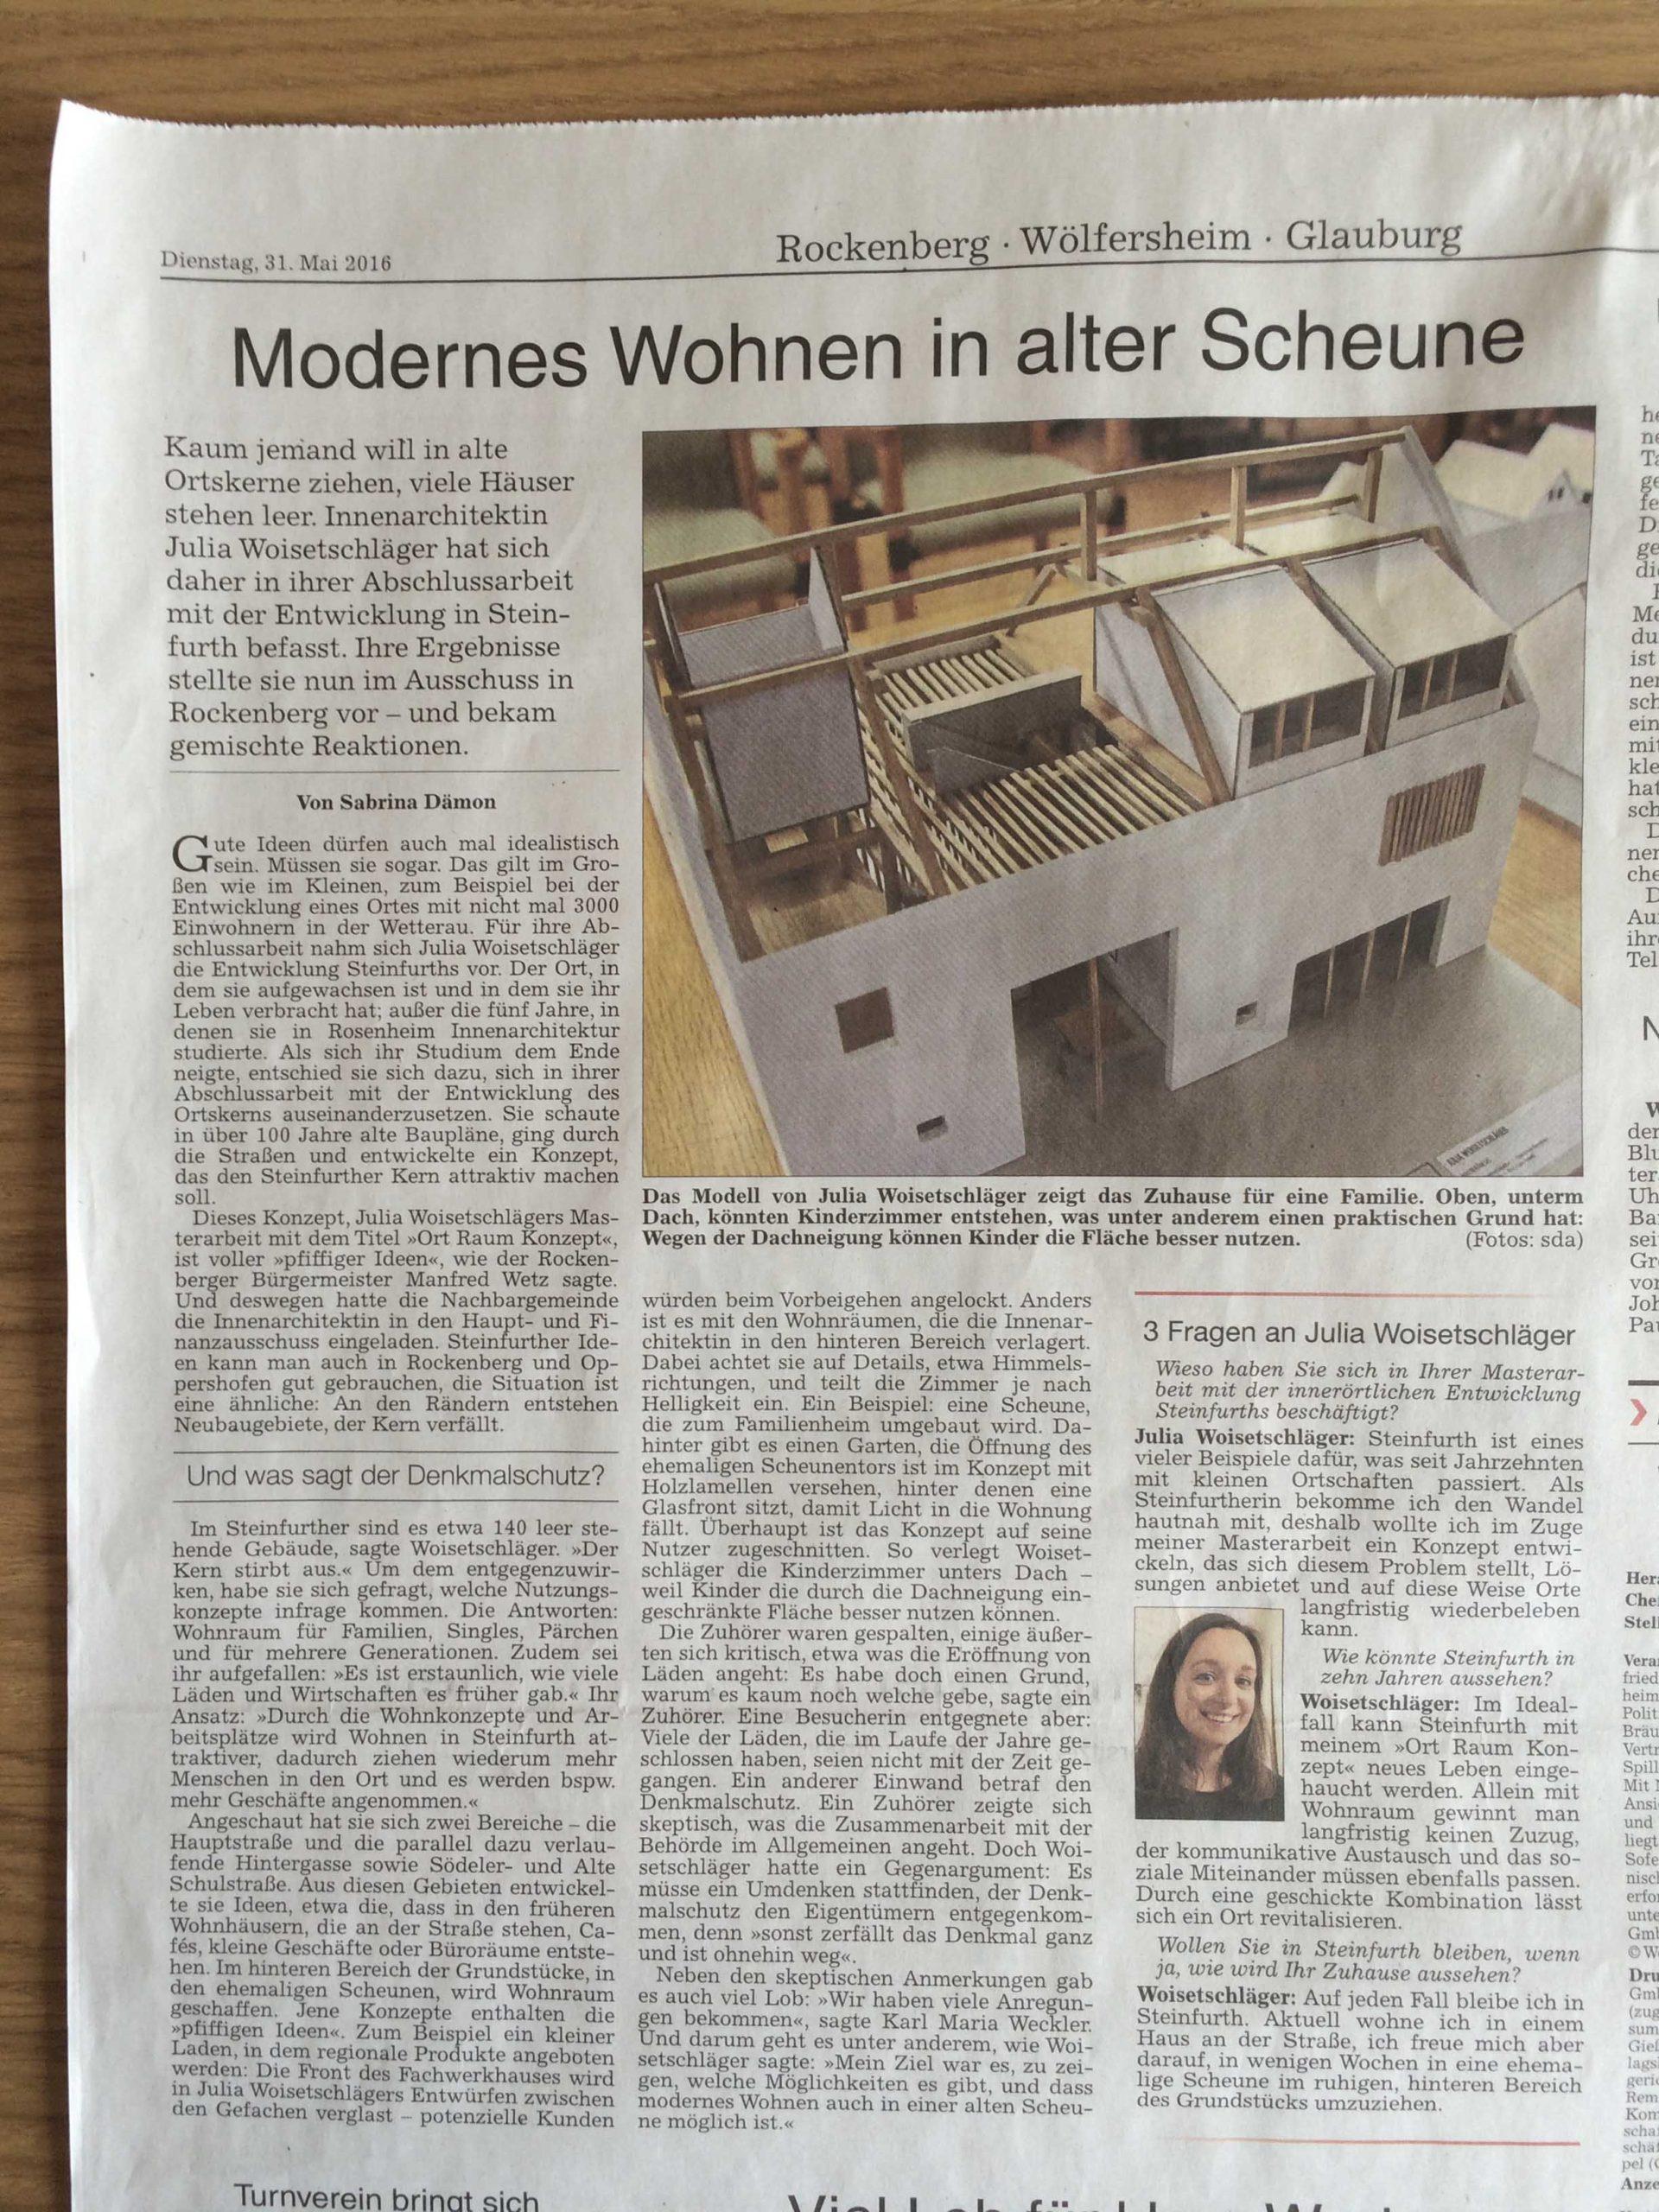 Modernes Wohnen in alter Scheune